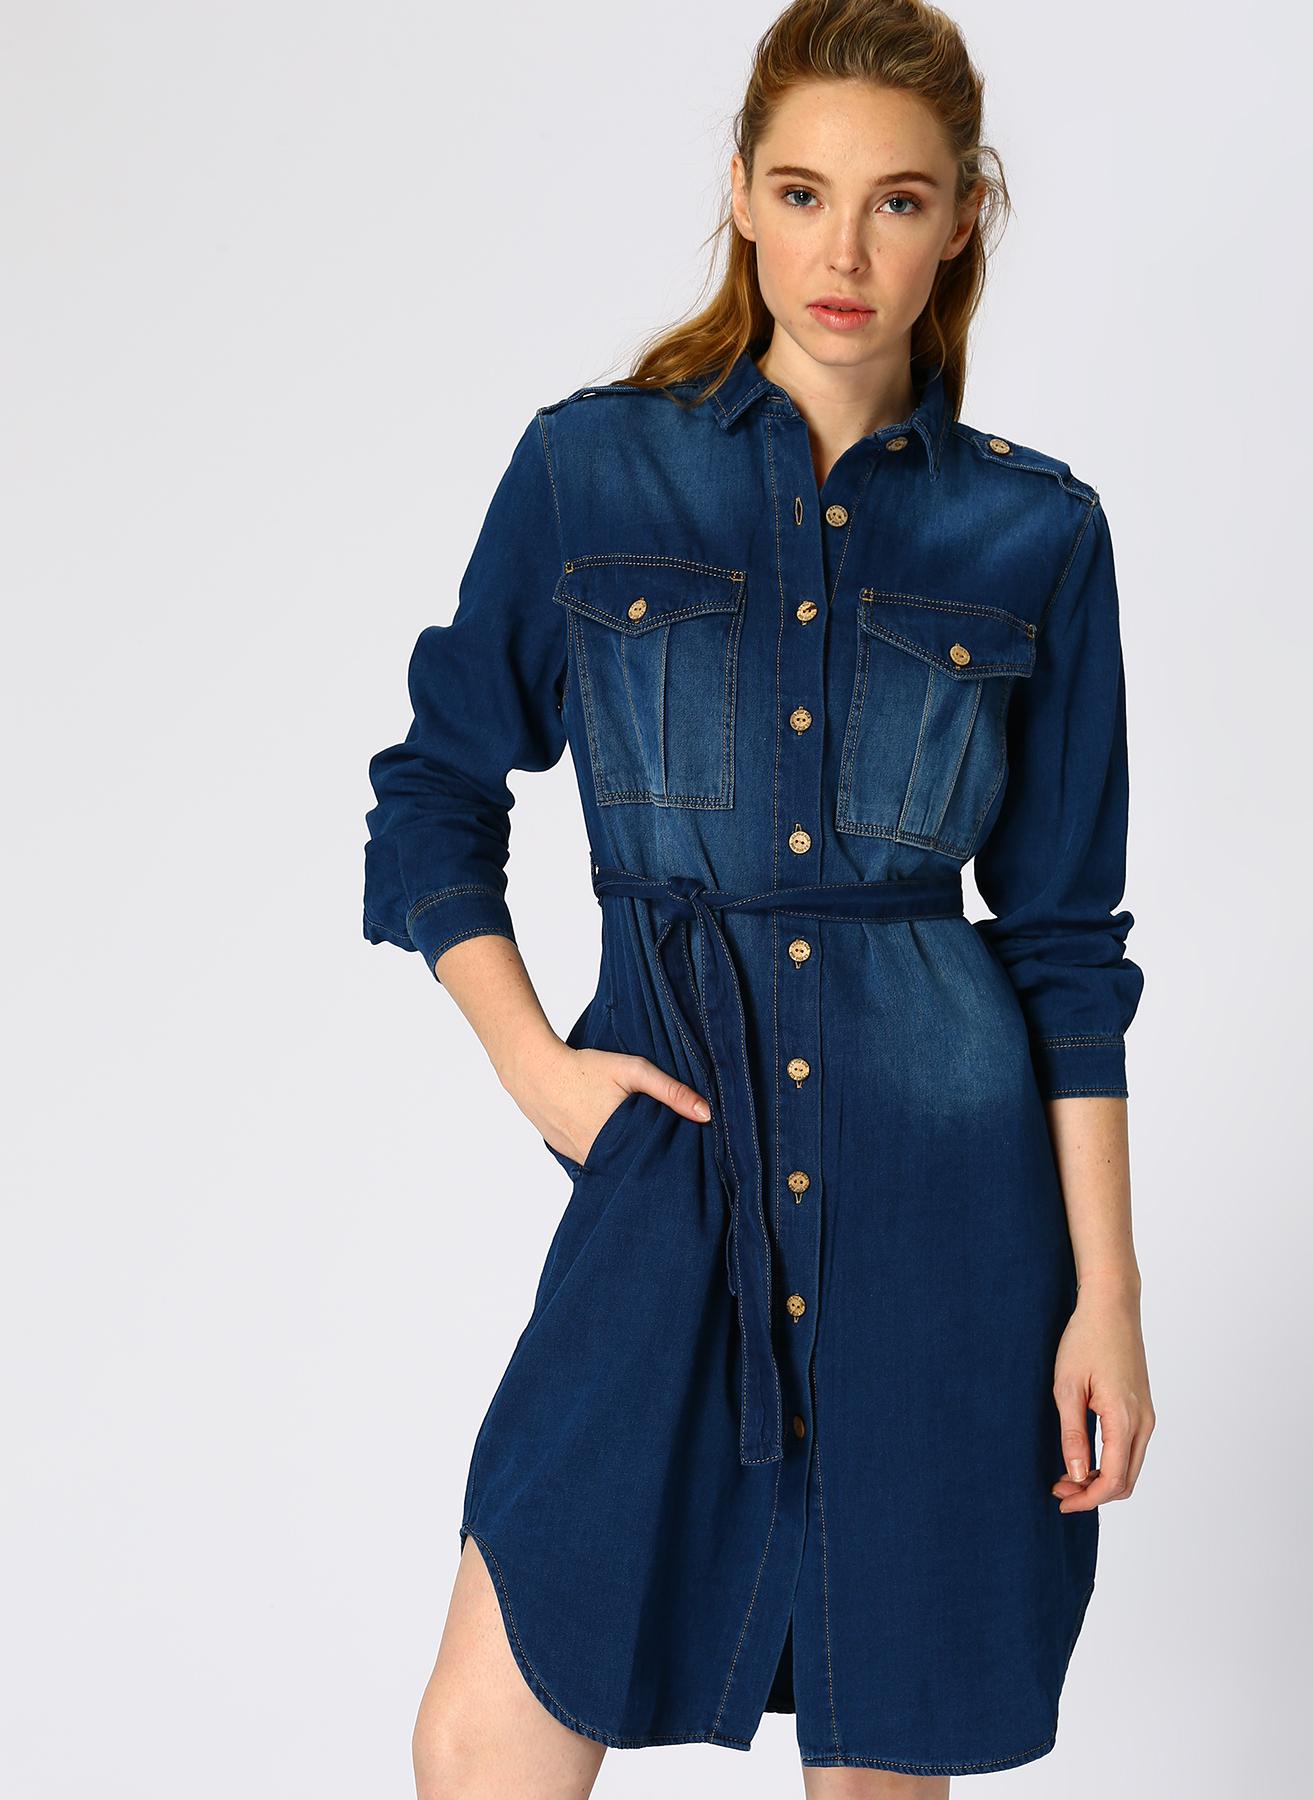 U.S. Polo Assn. Elbise 40 5001733444003 Ürün Resmi